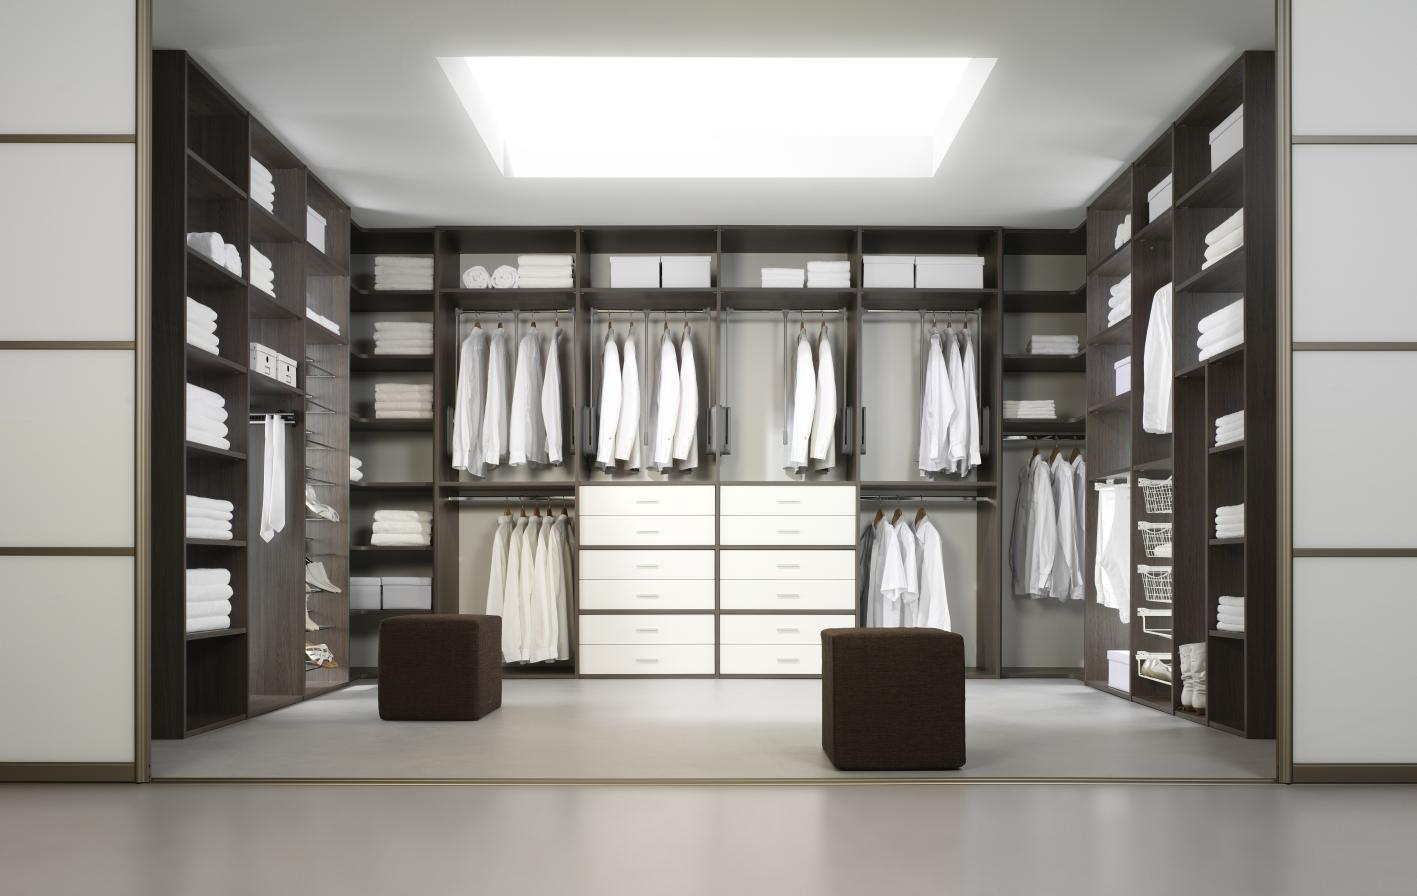 http://www.doehetzelfhetplein.nl/wp-content/uploads/2014/09/inloop-kast-kleding-slaapkamer.jpg